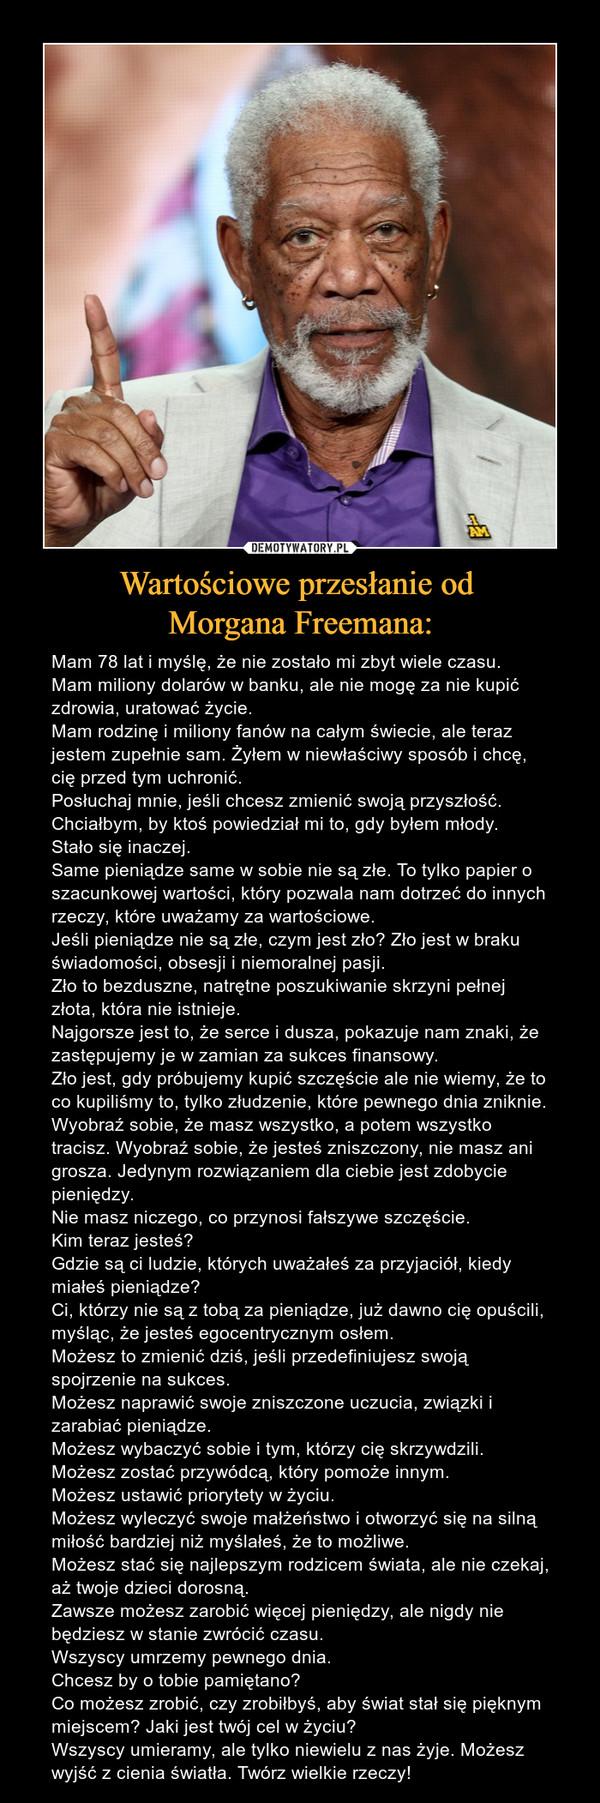 Wartościowe przesłanie od Morgana Freemana: – Mam 78 lat i myślę, że nie zostało mi zbyt wiele czasu.Mam miliony dolarów w banku, ale nie mogę za nie kupić zdrowia, uratować życie.Mam rodzinę i miliony fanów na całym świecie, ale teraz jestem zupełnie sam. Żyłem w niewłaściwy sposób i chcę, cię przed tym uchronić.Posłuchaj mnie, jeśli chcesz zmienić swoją przyszłość.Chciałbym, by ktoś powiedział mi to, gdy byłem młody.Stało się inaczej.Same pieniądze same w sobie nie są złe. To tylko papier o szacunkowej wartości, który pozwala nam dotrzeć do innych rzeczy, które uważamy za wartościowe.Jeśli pieniądze nie są złe, czym jest zło? Zło jest w braku świadomości, obsesji i niemoralnej pasji.Zło to bezduszne, natrętne poszukiwanie skrzyni pełnej złota, która nie istnieje.Najgorsze jest to, że serce i dusza, pokazuje nam znaki, że zastępujemy je w zamian za sukces finansowy.Zło jest, gdy próbujemy kupić szczęście ale nie wiemy, że to co kupiliśmy to, tylko złudzenie, które pewnego dnia zniknie.Wyobraź sobie, że masz wszystko, a potem wszystko tracisz. Wyobraź sobie, że jesteś zniszczony, nie masz ani grosza. Jedynym rozwiązaniem dla ciebie jest zdobycie pieniędzy.Nie masz niczego, co przynosi fałszywe szczęście.Kim teraz jesteś?Gdzie są ci ludzie, których uważałeś za przyjaciół, kiedy miałeś pieniądze?Ci, którzy nie są z tobą za pieniądze, już dawno cię opuścili, myśląc, że jesteś egocentrycznym osłem.Możesz to zmienić dziś, jeśli przedefiniujesz swoją spojrzenie na sukces.Możesz naprawić swoje zniszczone uczucia, związki i zarabiać pieniądze.Możesz wybaczyć sobie i tym, którzy cię skrzywdzili.Możesz zostać przywódcą, który pomoże innym.Możesz ustawić priorytety w życiu.Możesz wyleczyć swoje małżeństwo i otworzyć się na silną miłość bardziej niż myślałeś, że to możliwe.Możesz stać się najlepszym rodzicem świata, ale nie czekaj, aż twoje dzieci dorosną.Zawsze możesz zarobić więcej pieniędzy, ale nigdy nie będziesz w stanie zwrócić czasu.Wszyscy umrzemy pewnego dnia.Chcesz by